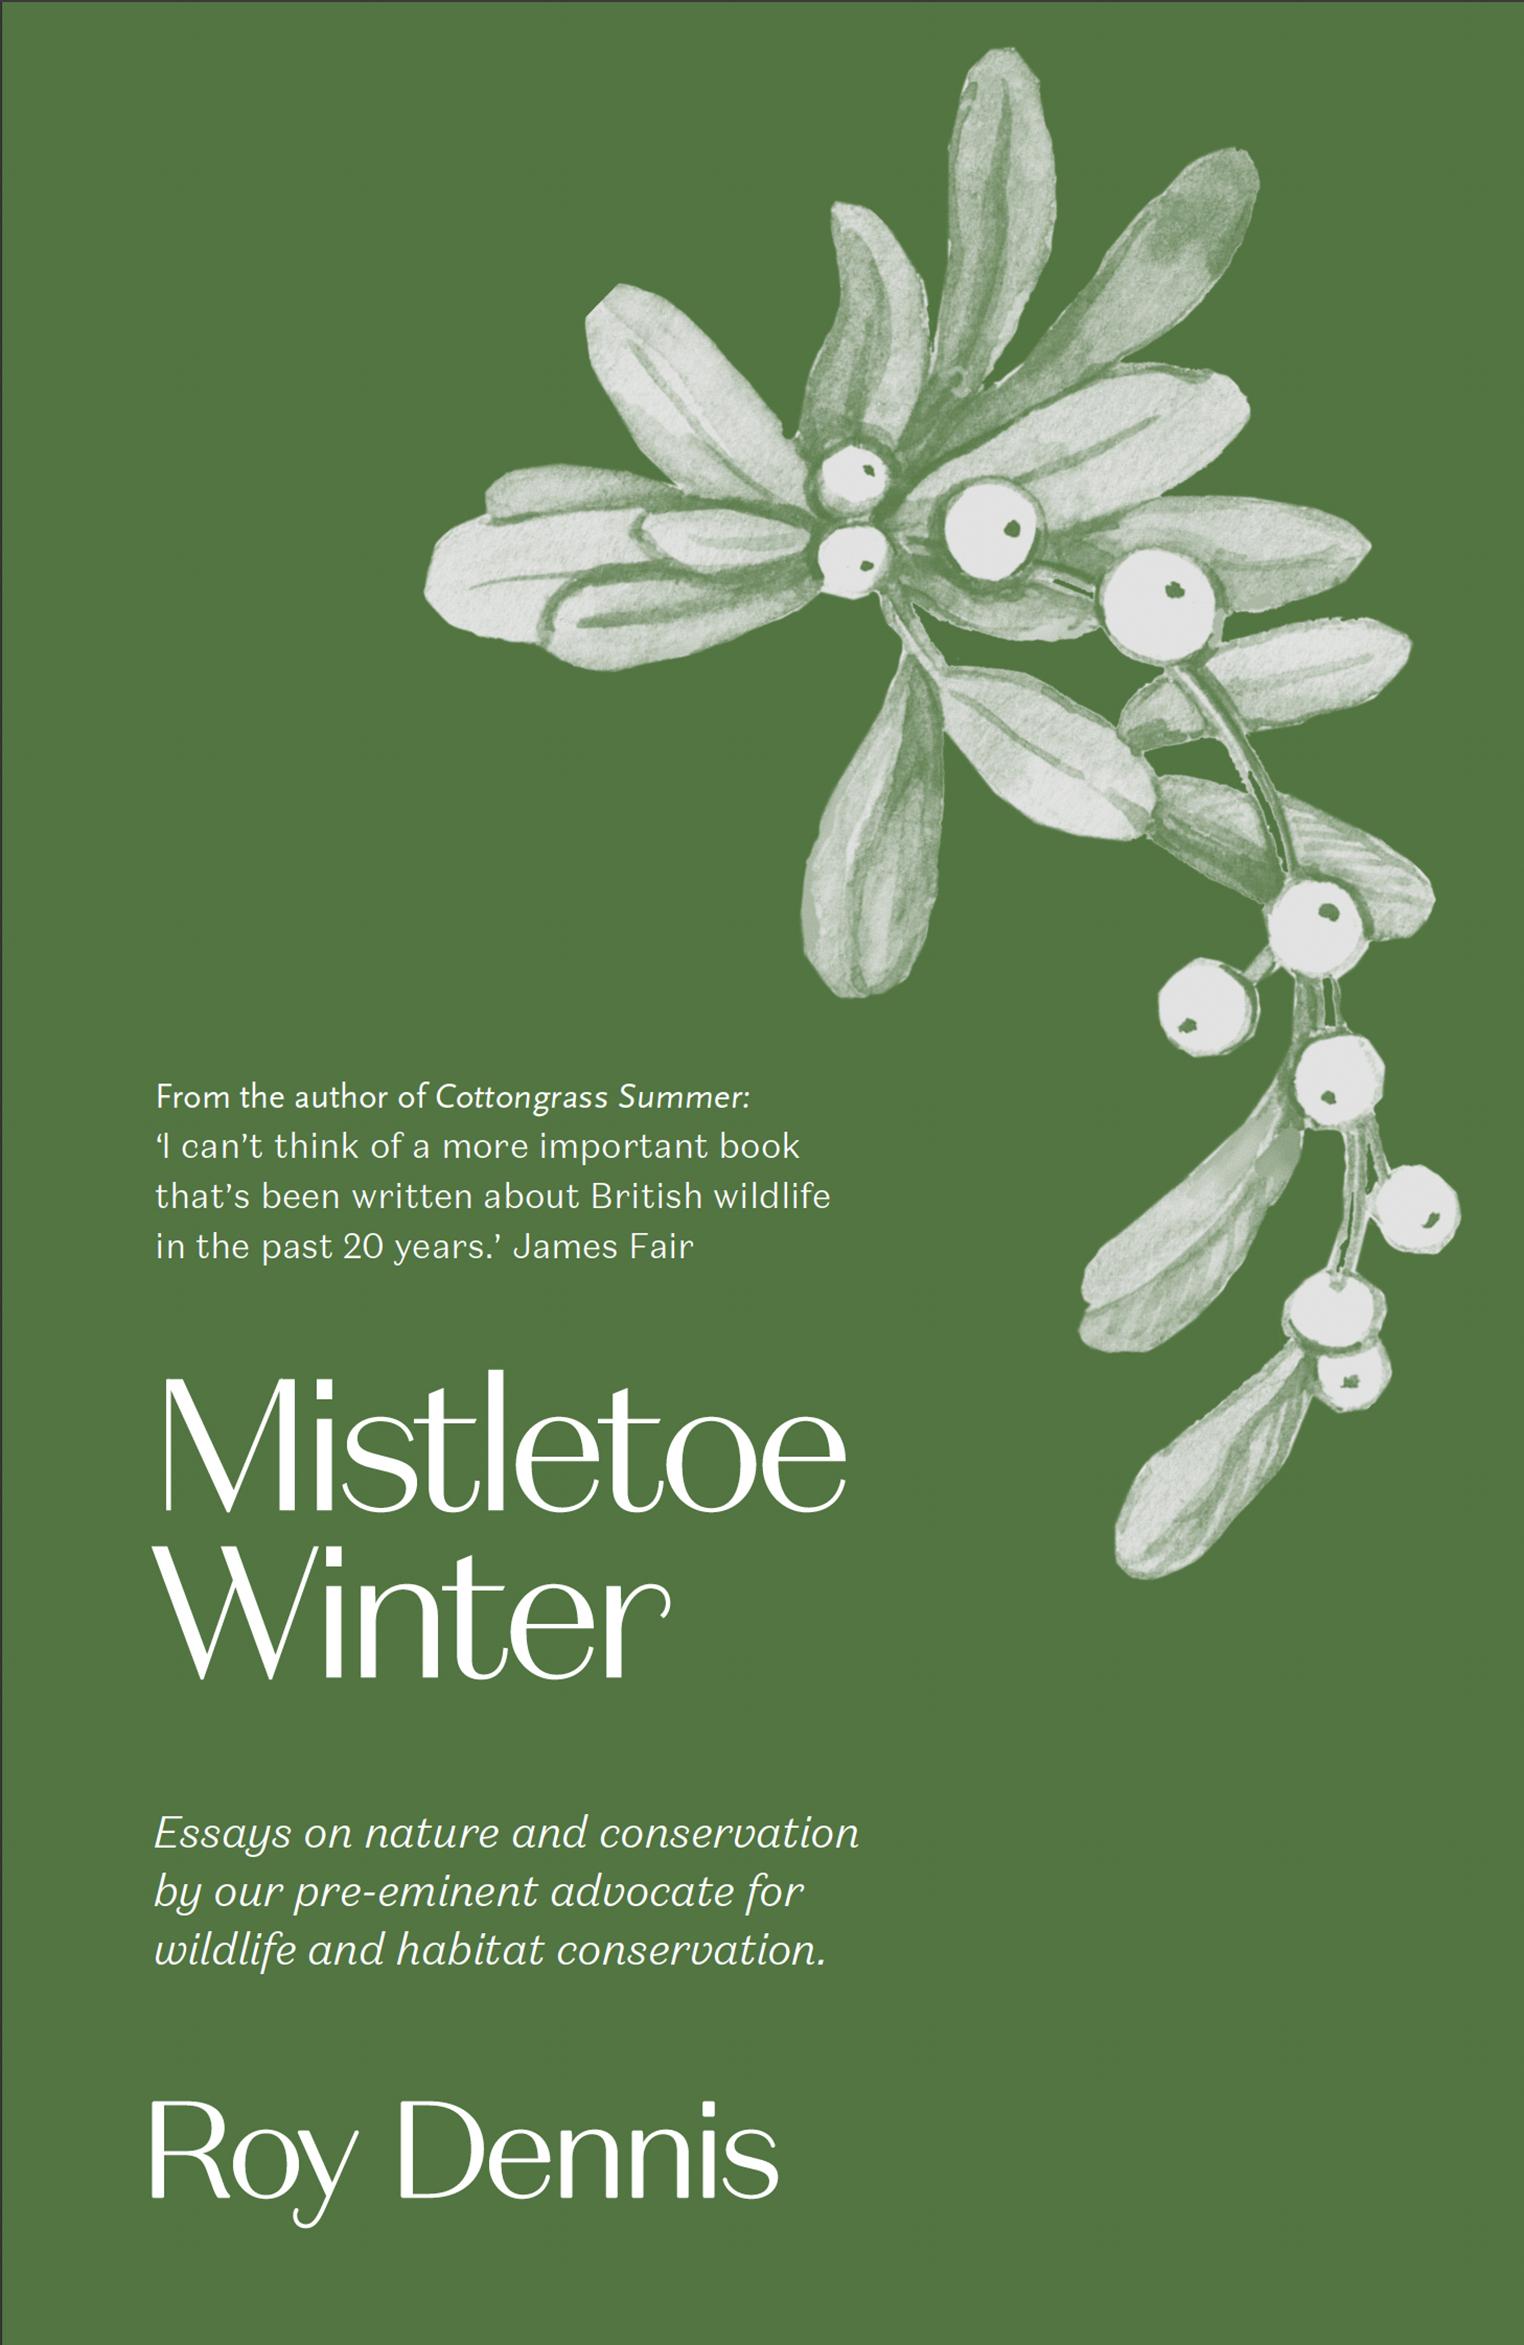 Mistletoe Winter